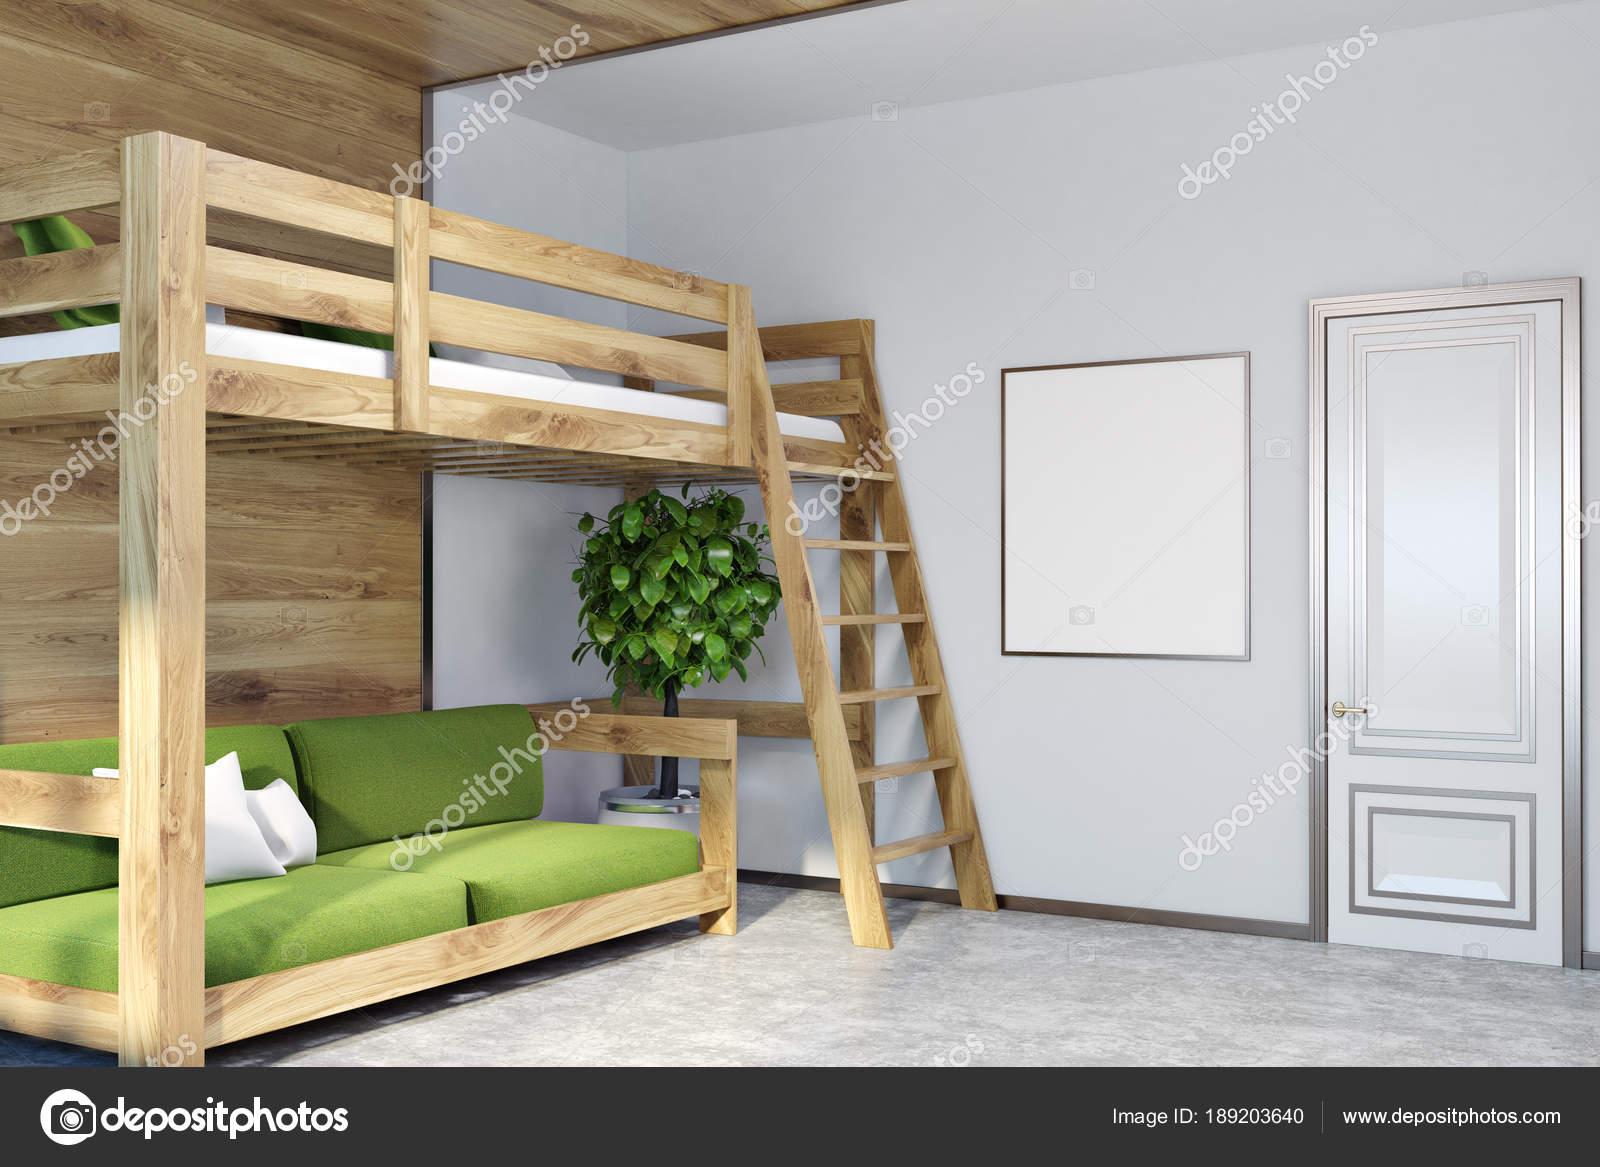 Weiße Wand Schlafzimmer Ecke, Grüne Hochbett, Poster U2014 Stockfoto